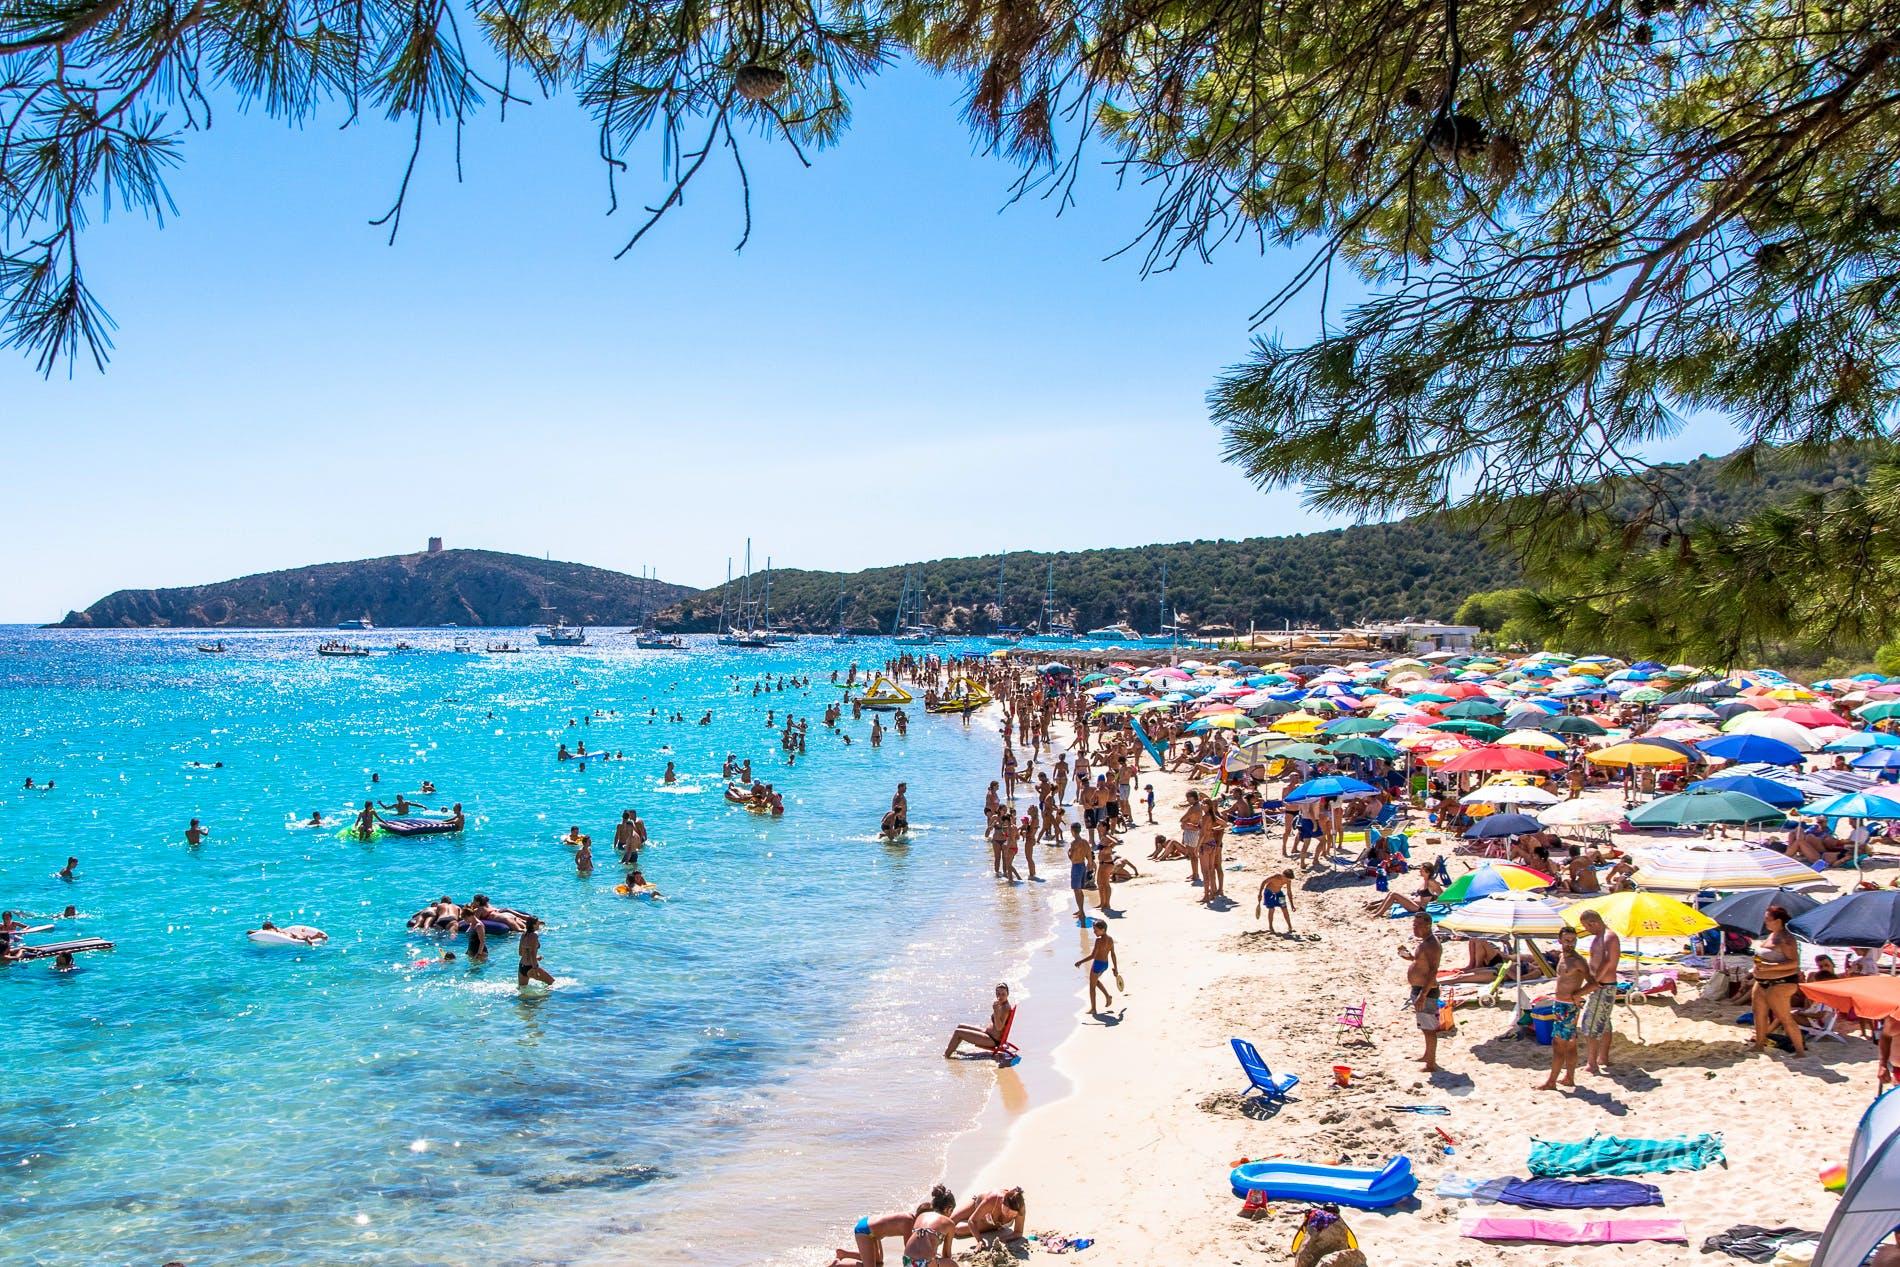 Beach Tuerredda, Sardinia, Italy